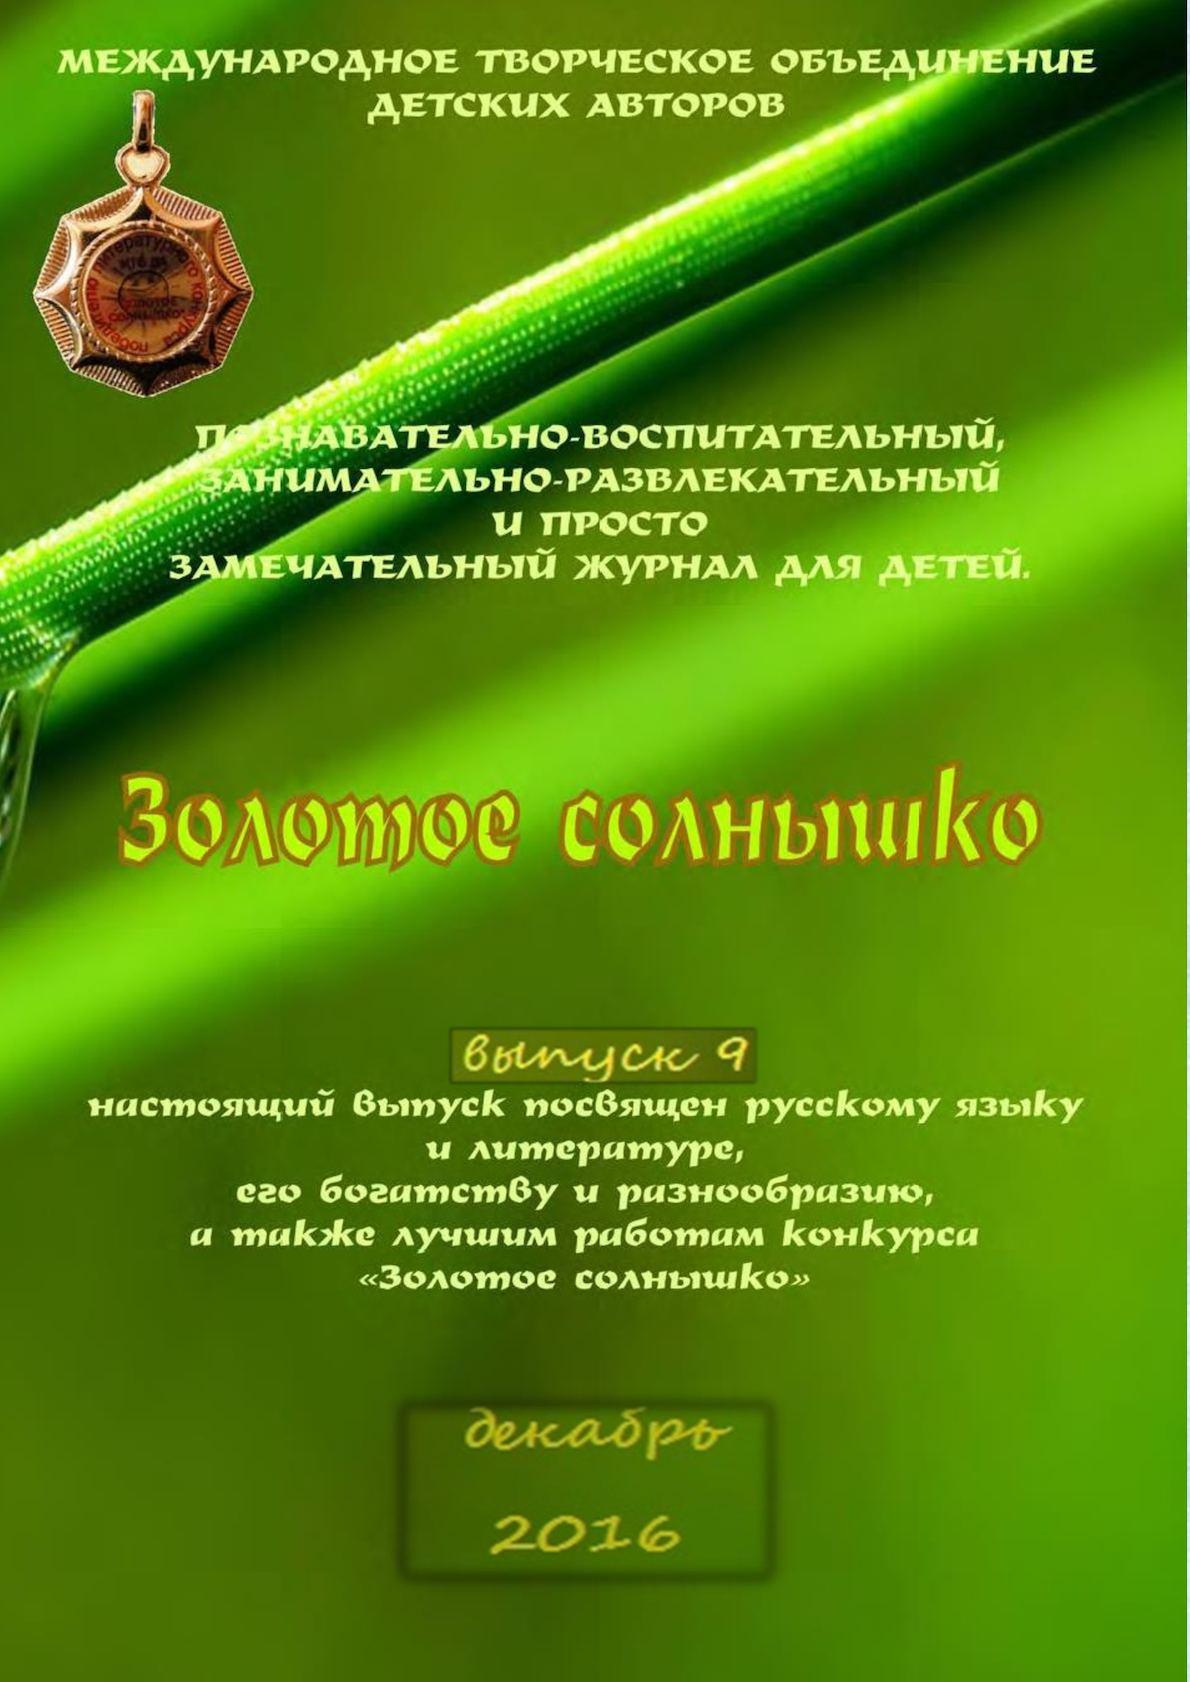 Лечение атеросклероза народными средствами: ТОП-10 средств